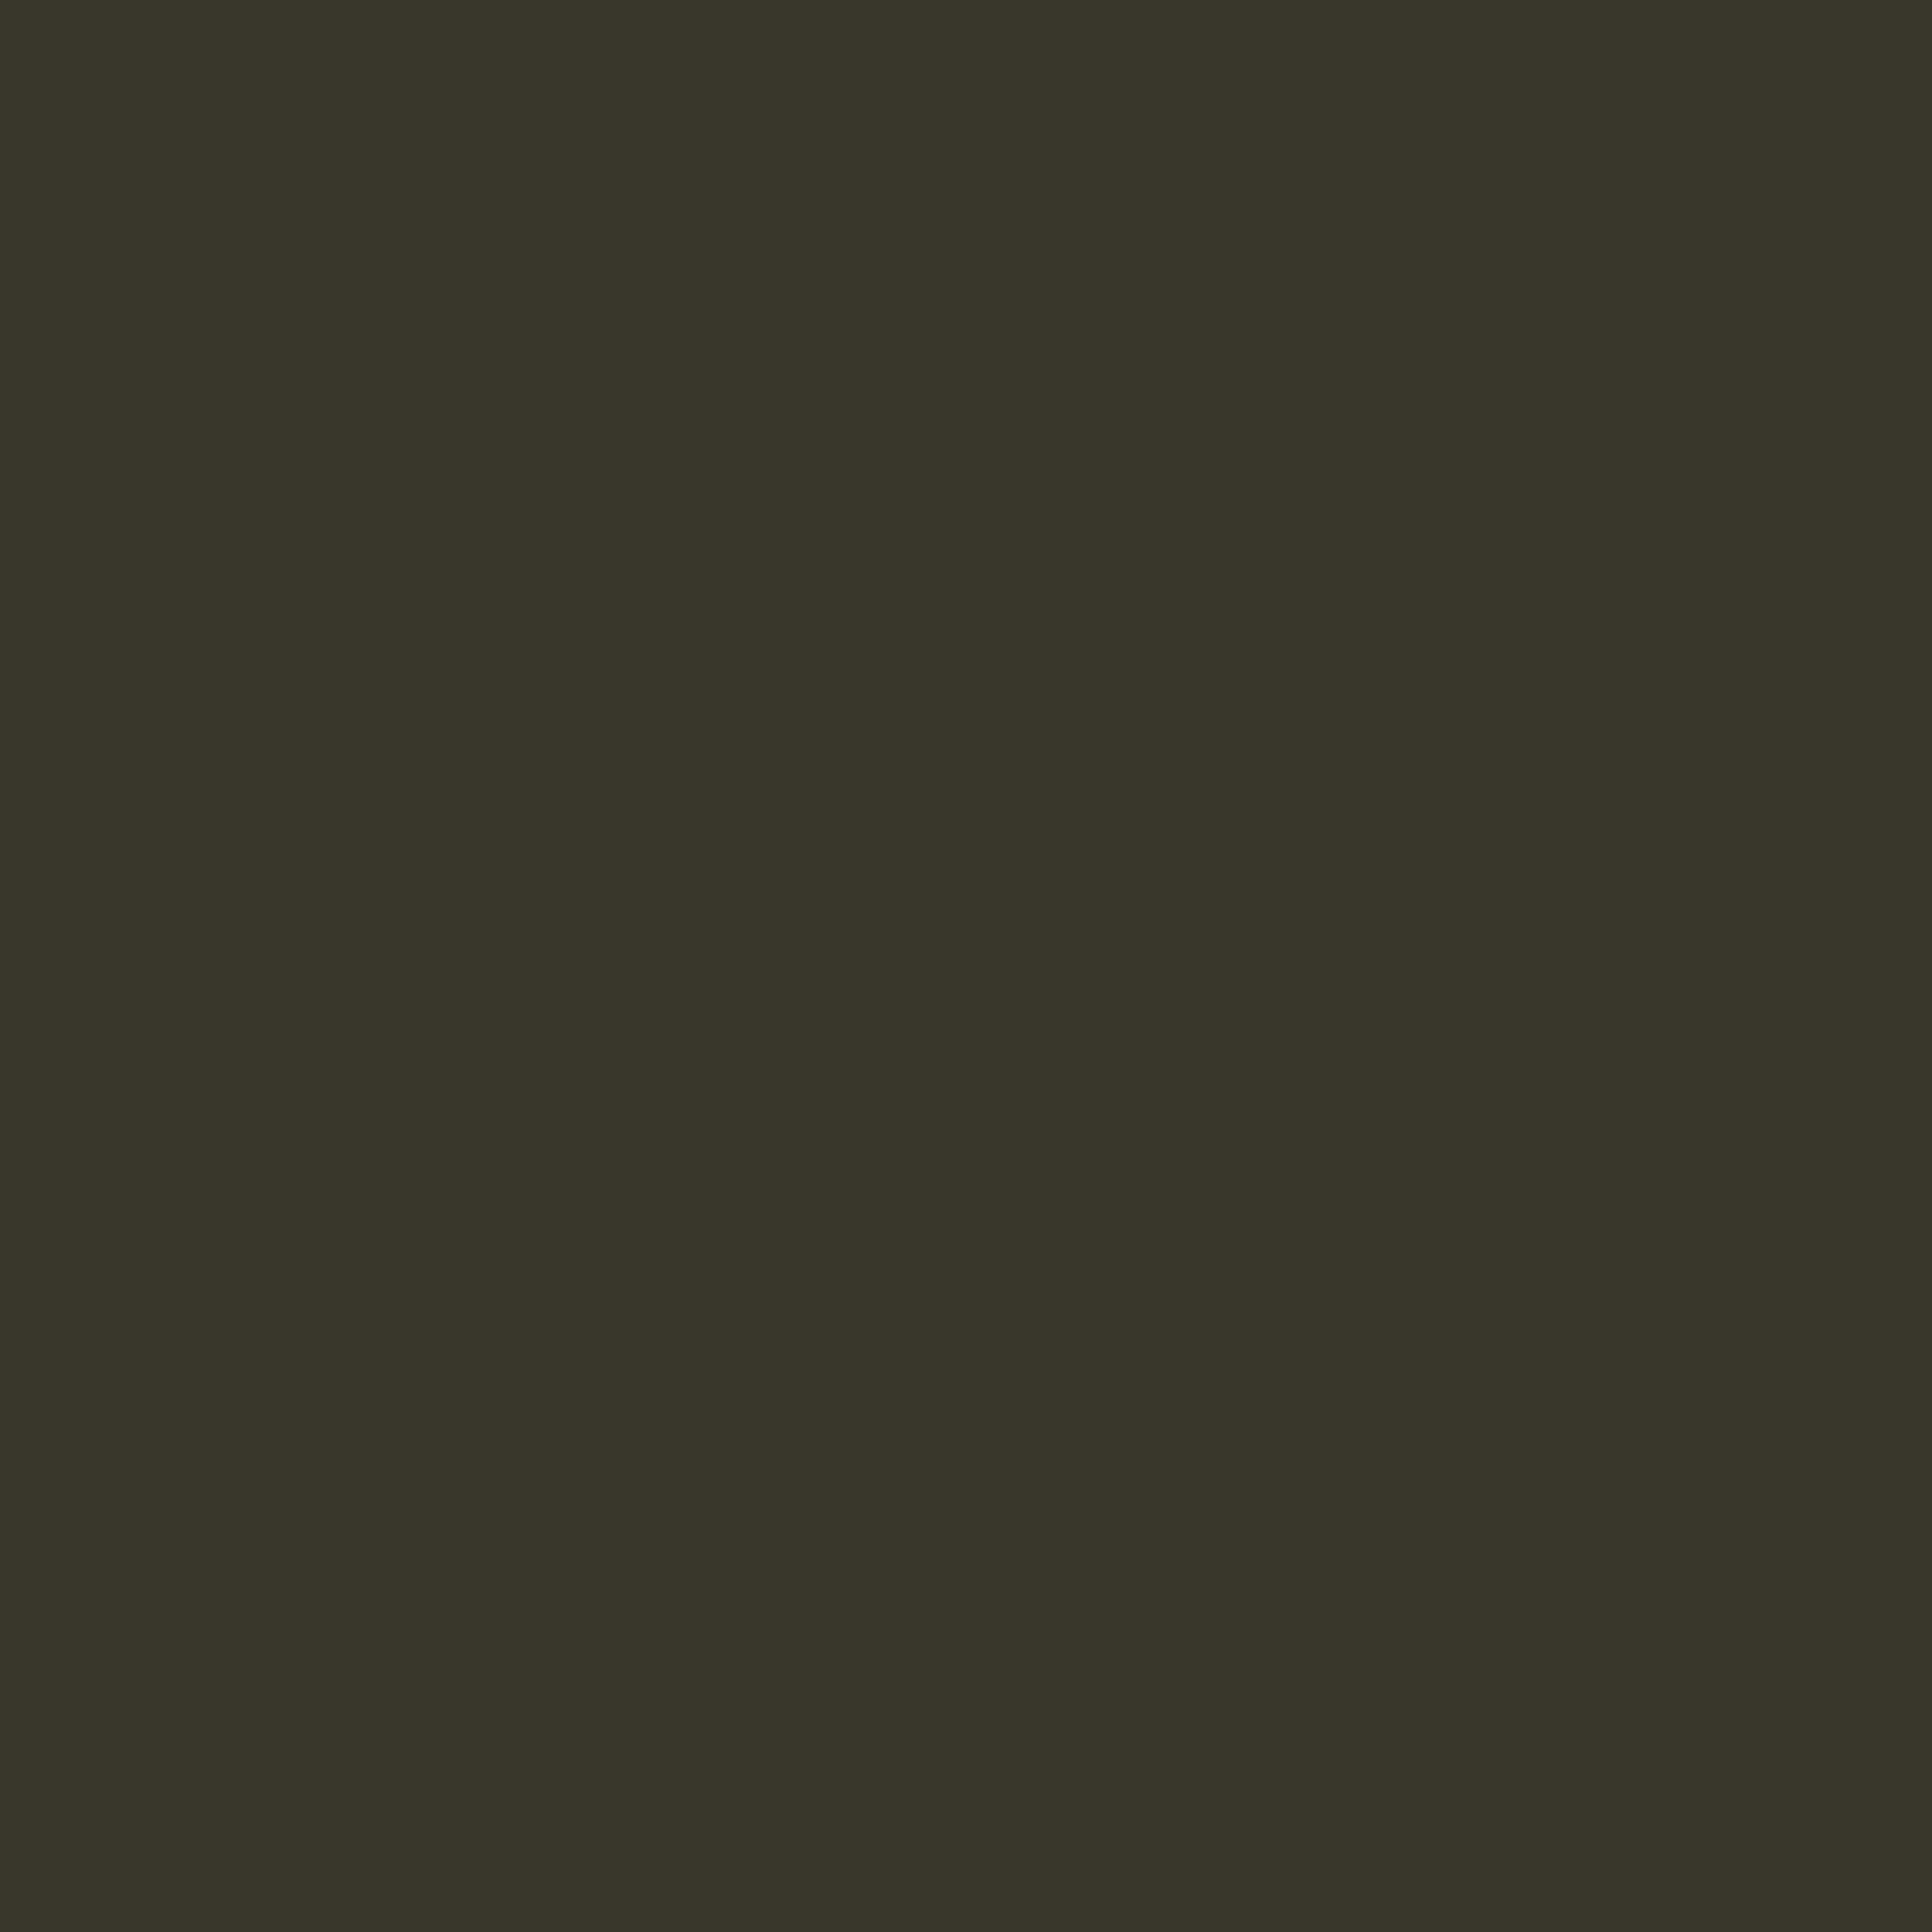 Dark olive-tarmac